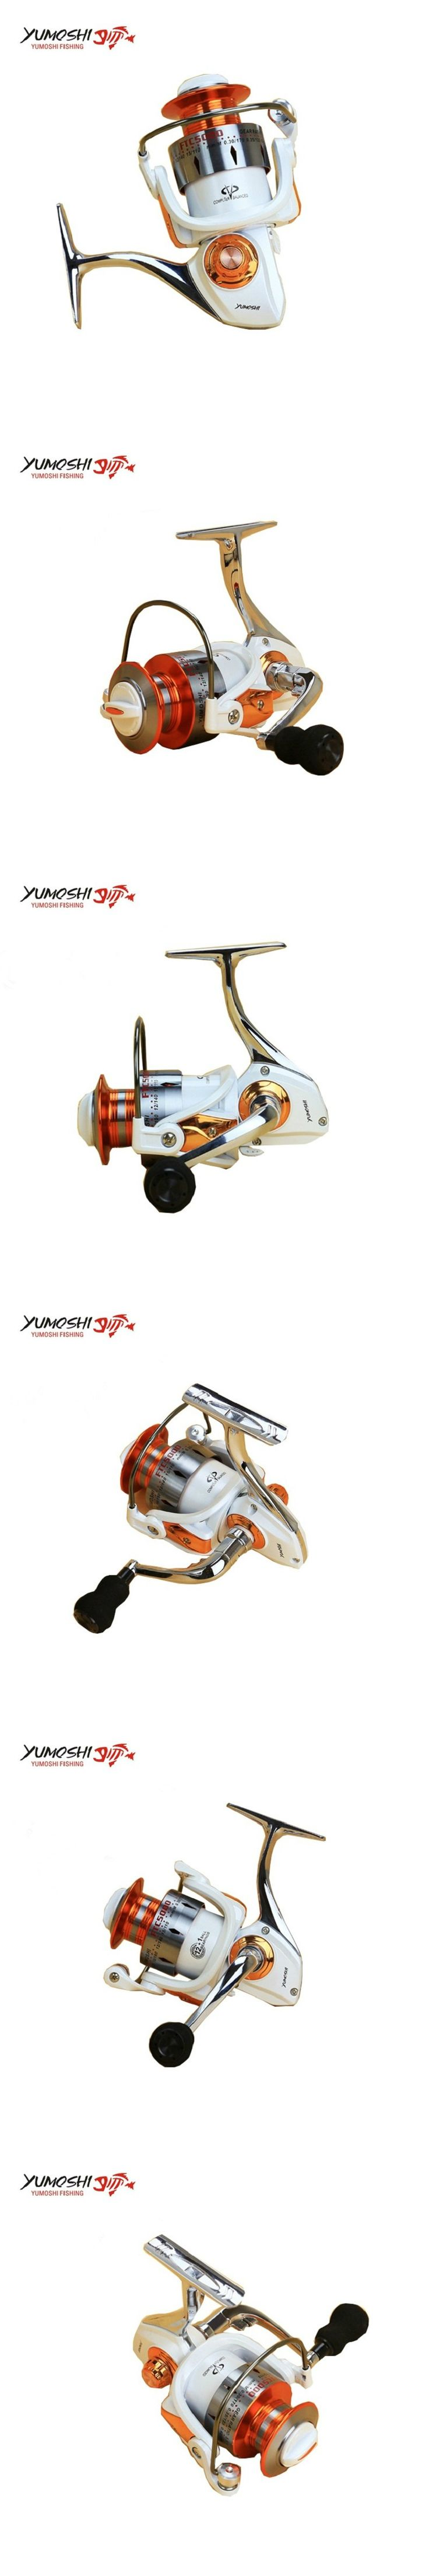 Yomores 12BB+1 Fishing Spinning Reel 3000-7000 Model Ratio 5.5:1 carretilha para pesca Metal Material baitcasting reel